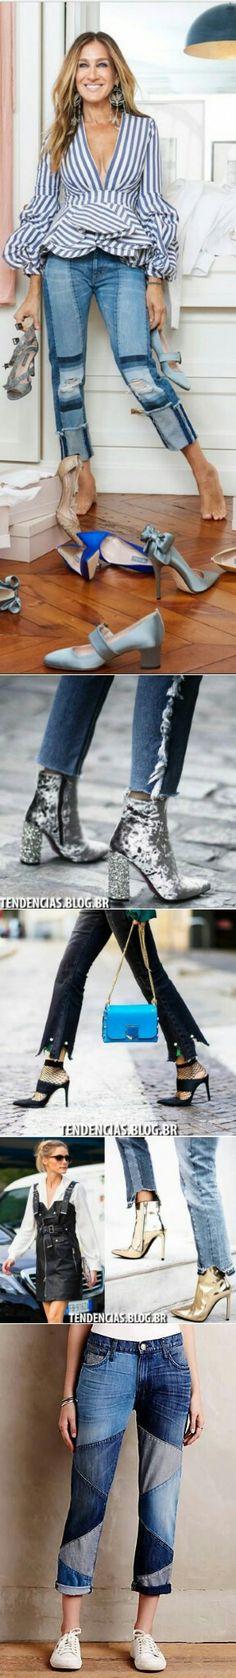 Change in jeans...<3 Deniz <3